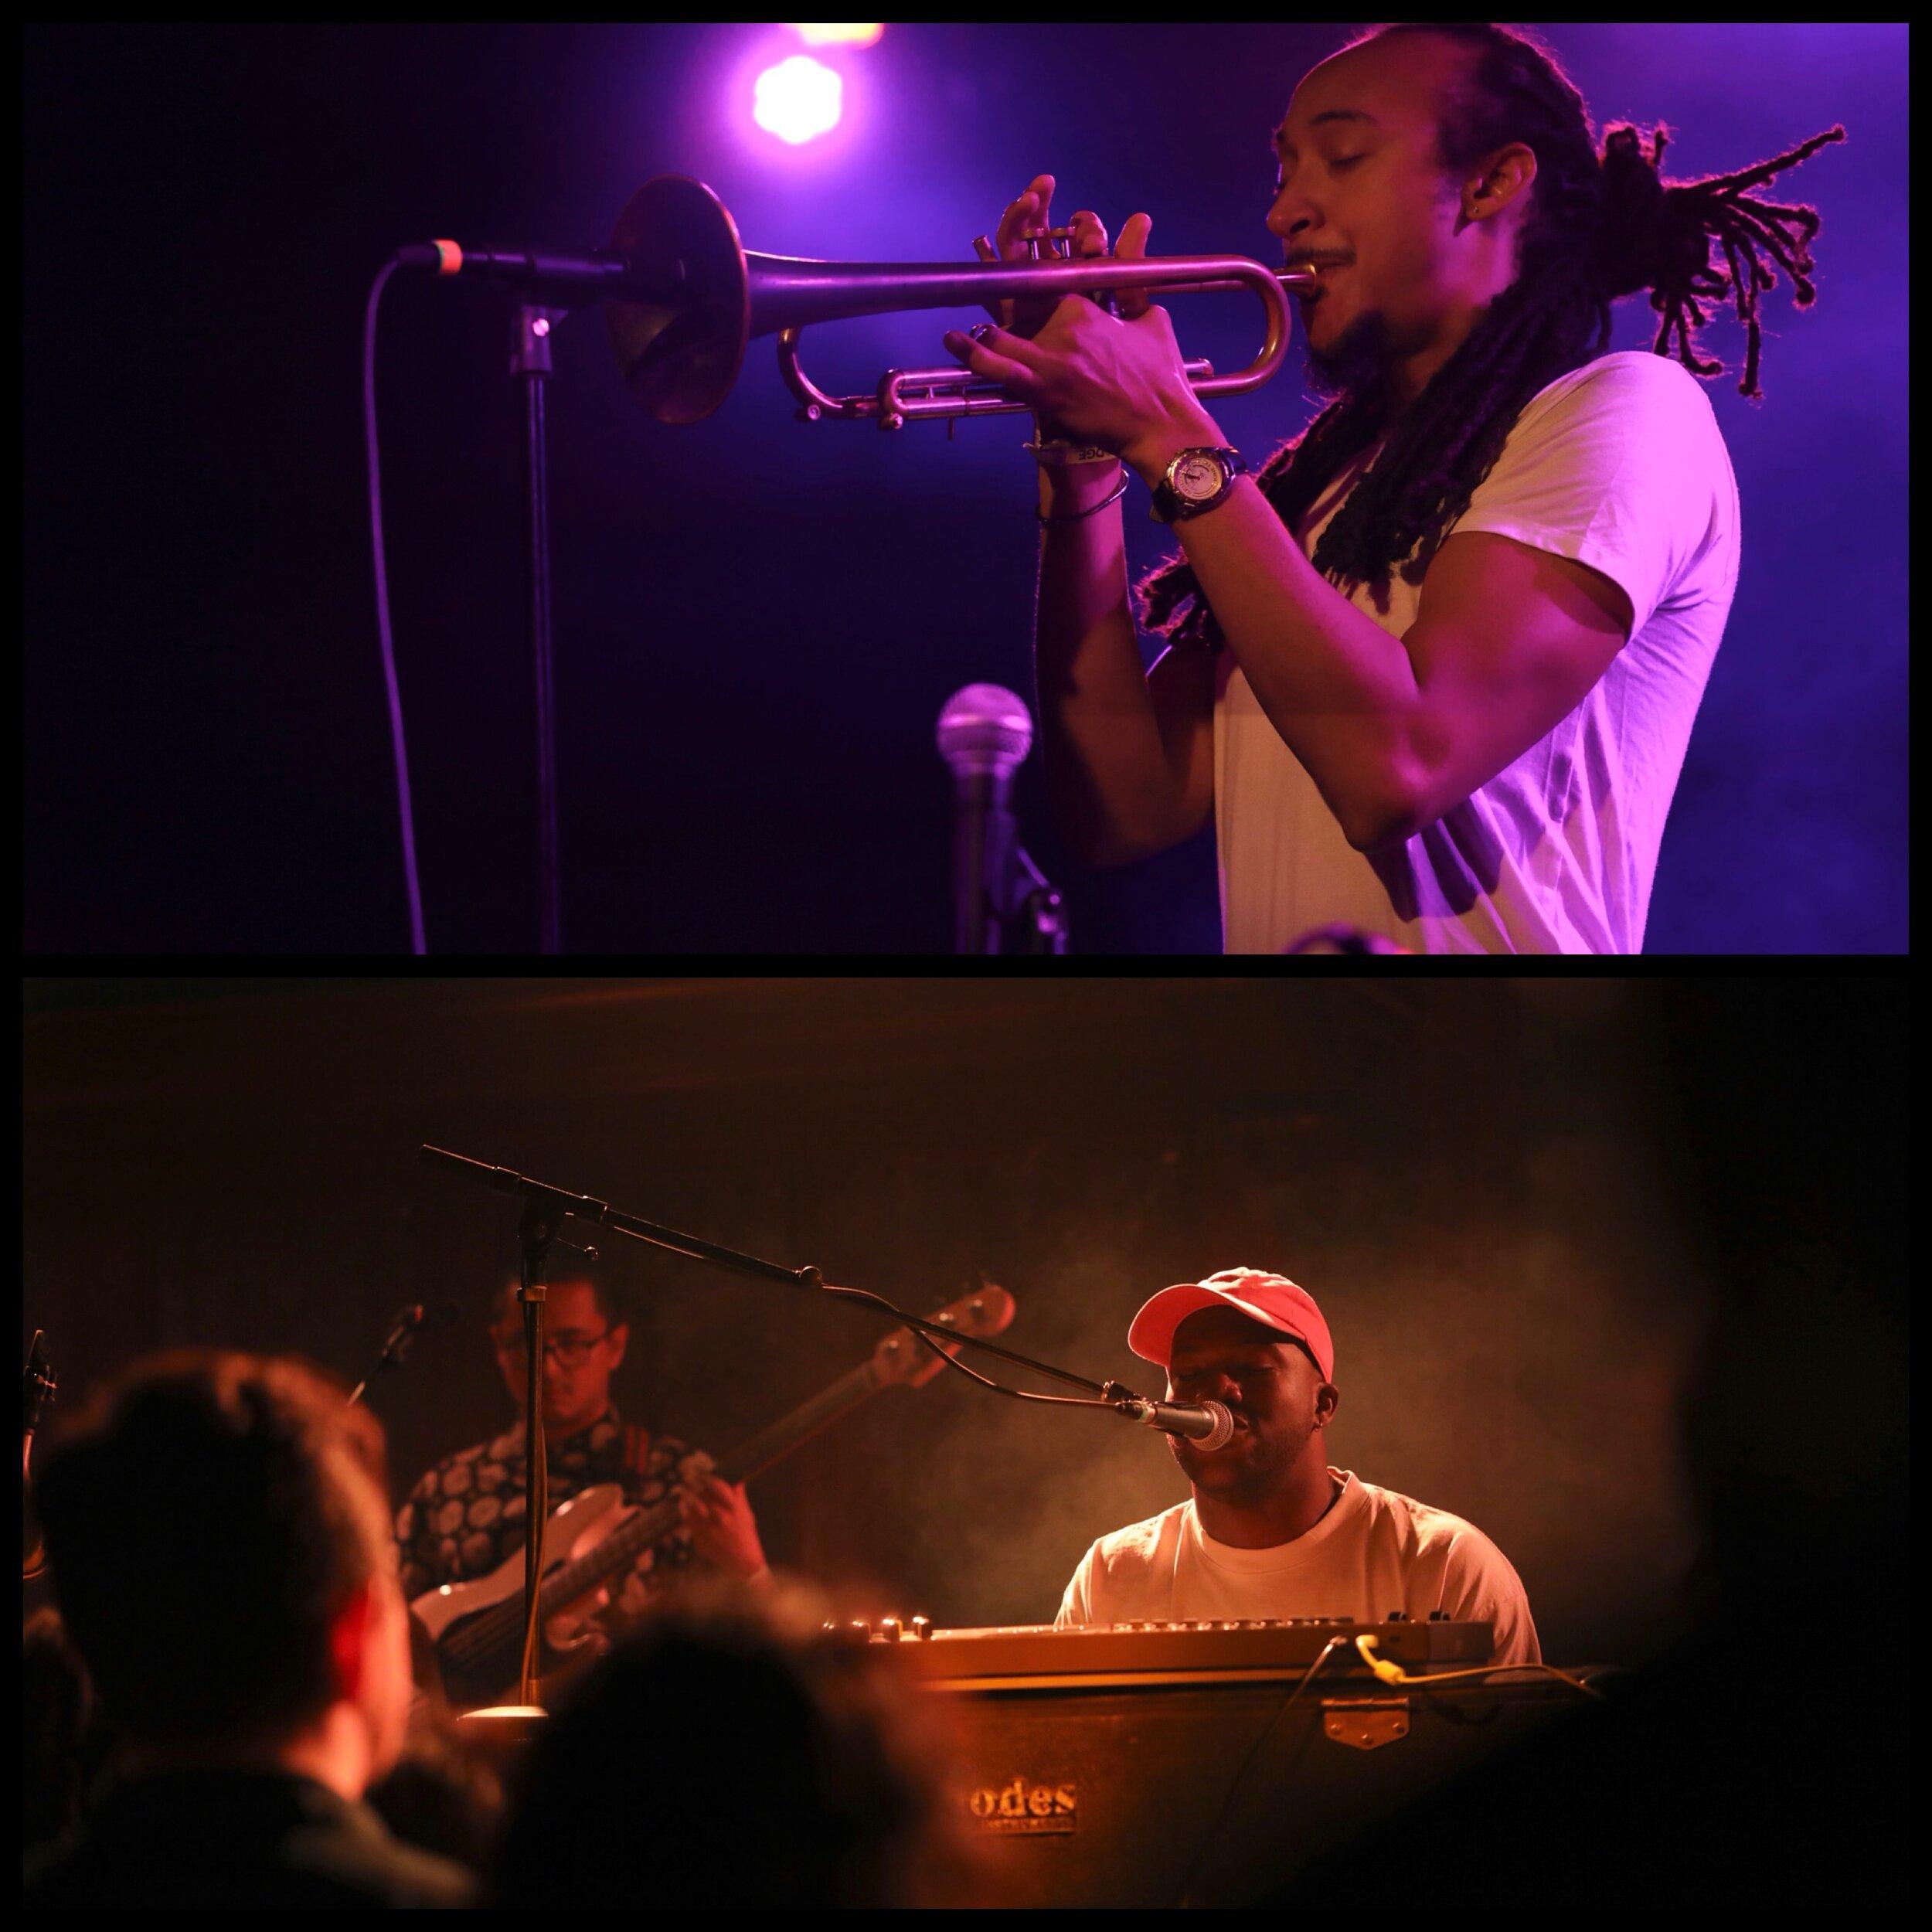 RECAP:#JazzIsDead Theo Croker &Devin Morrison -